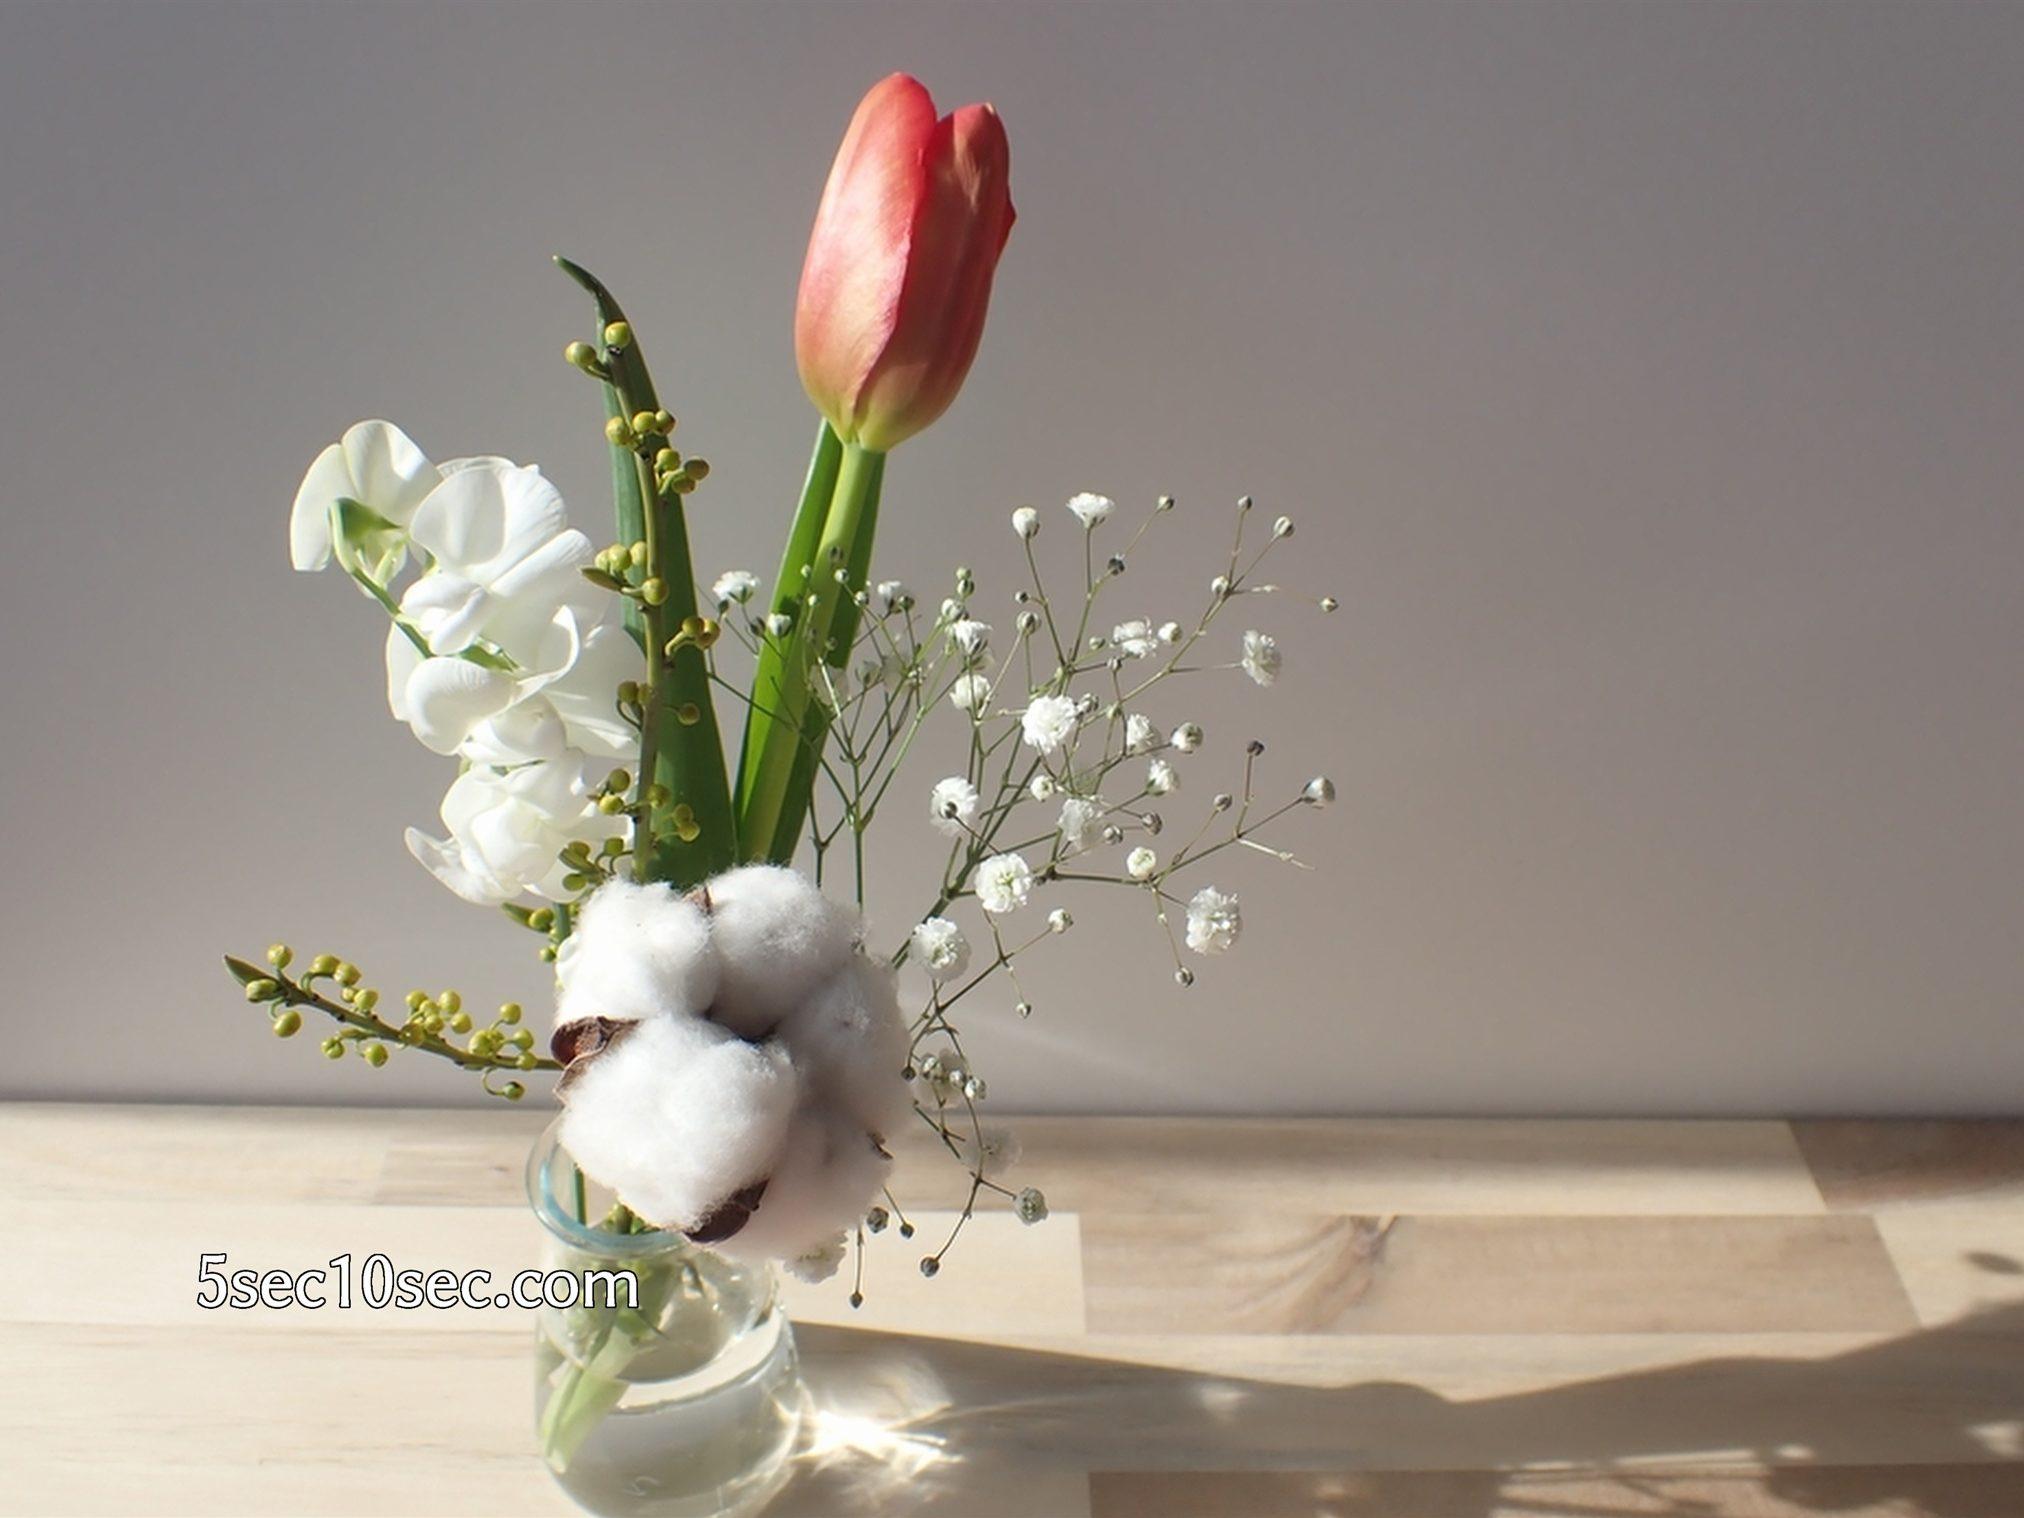 株式会社Crunch Style お花の定期便 Bloomee LIFE ブルーミーライフ チューリップは温度や明るさで動いたり蕾を開いたり変化します